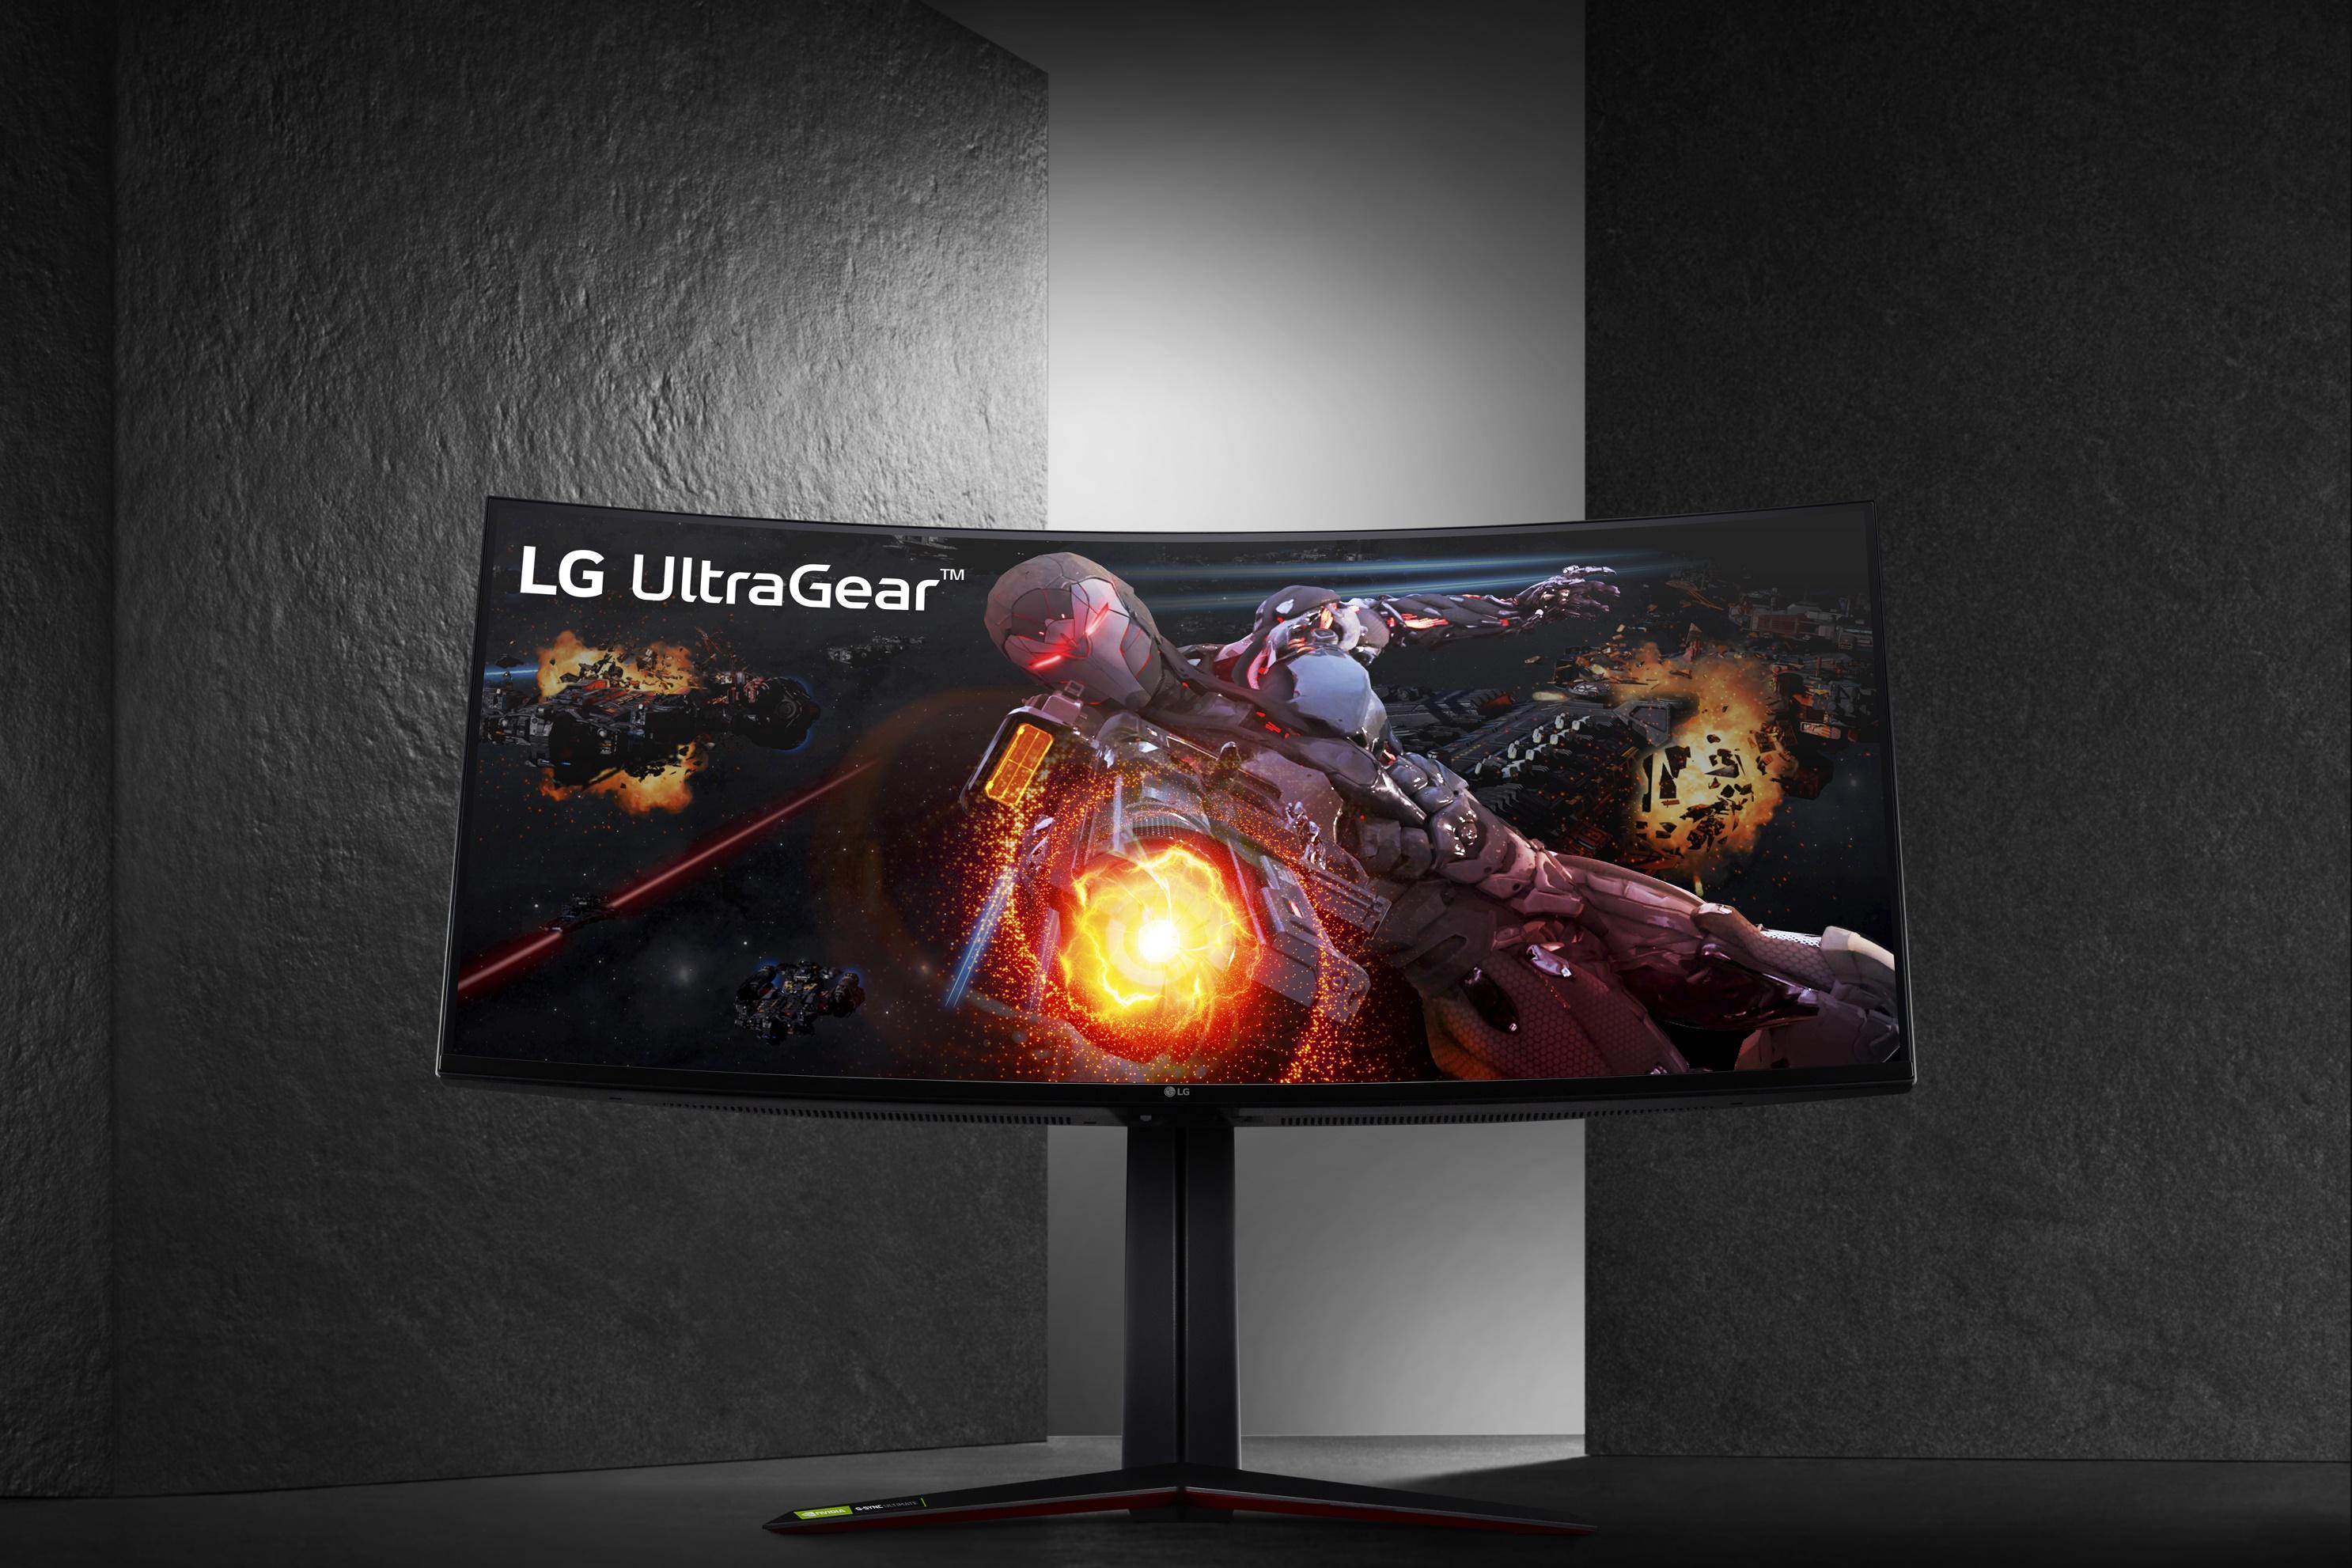 แอลจีส่งจอ LG UltraGear สี่รุ่นใหม่ ปล่อยความมันส์เต็มสูบเอาใจเกมเมอร์ไทย